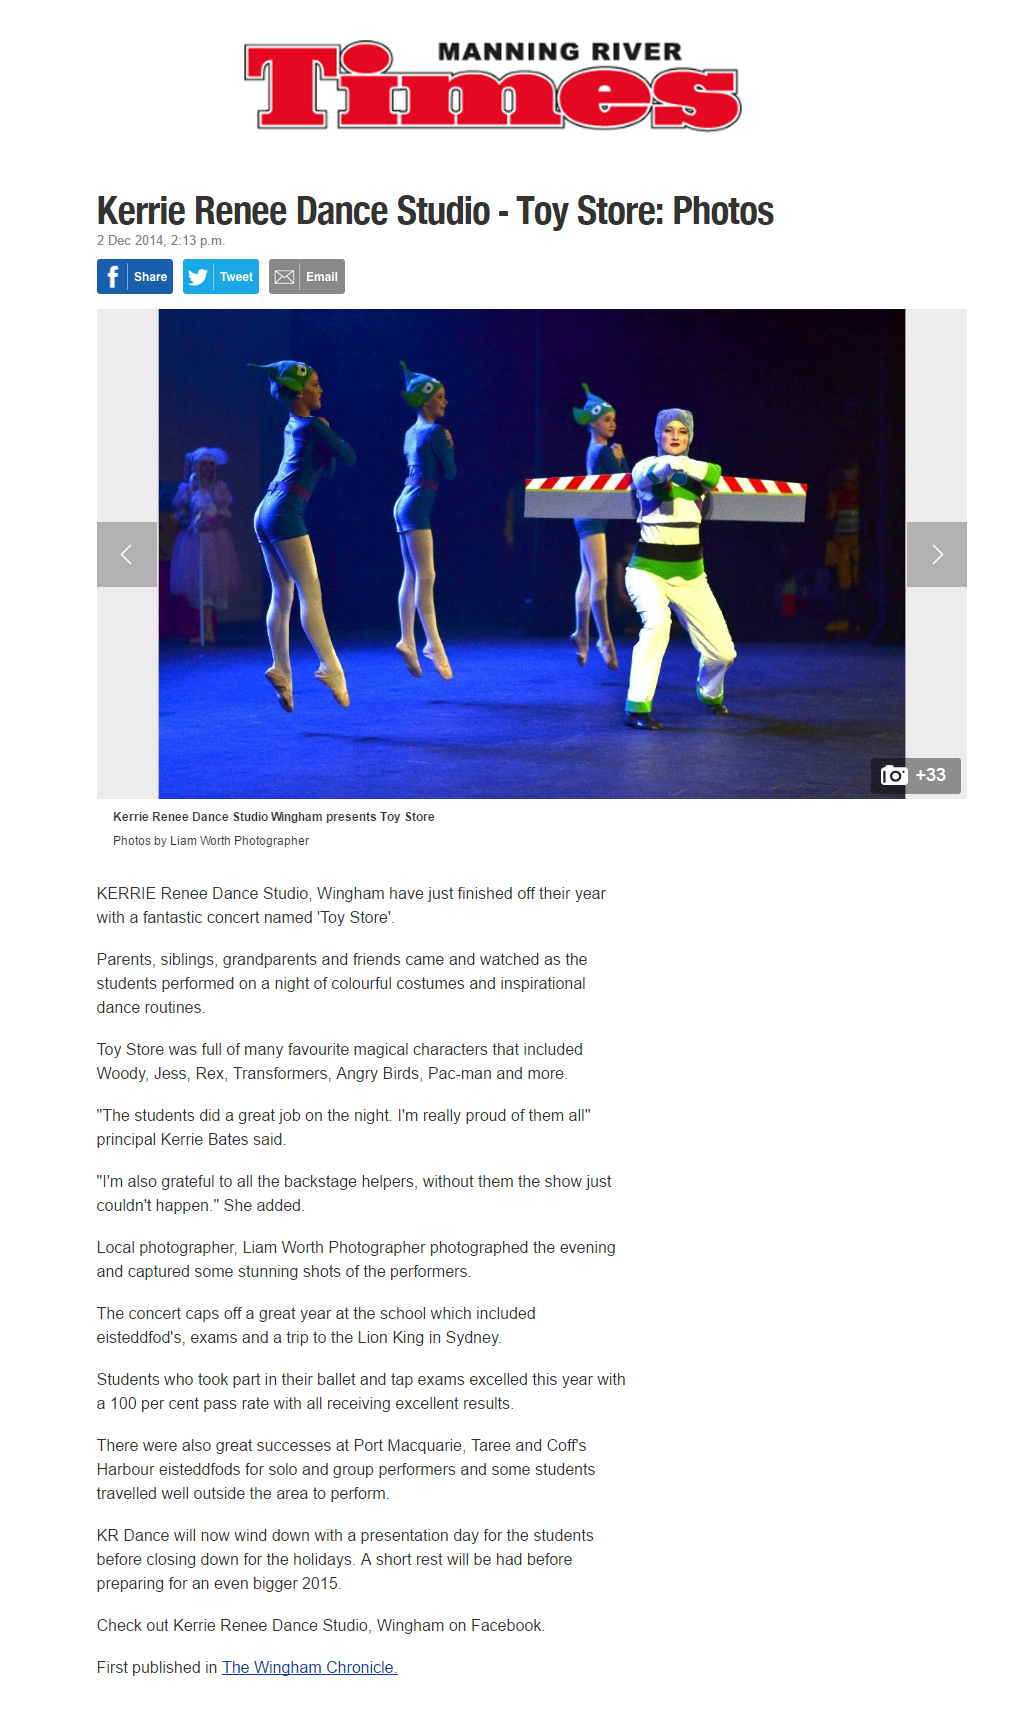 2014 Kerrie Renee Dance Studio -